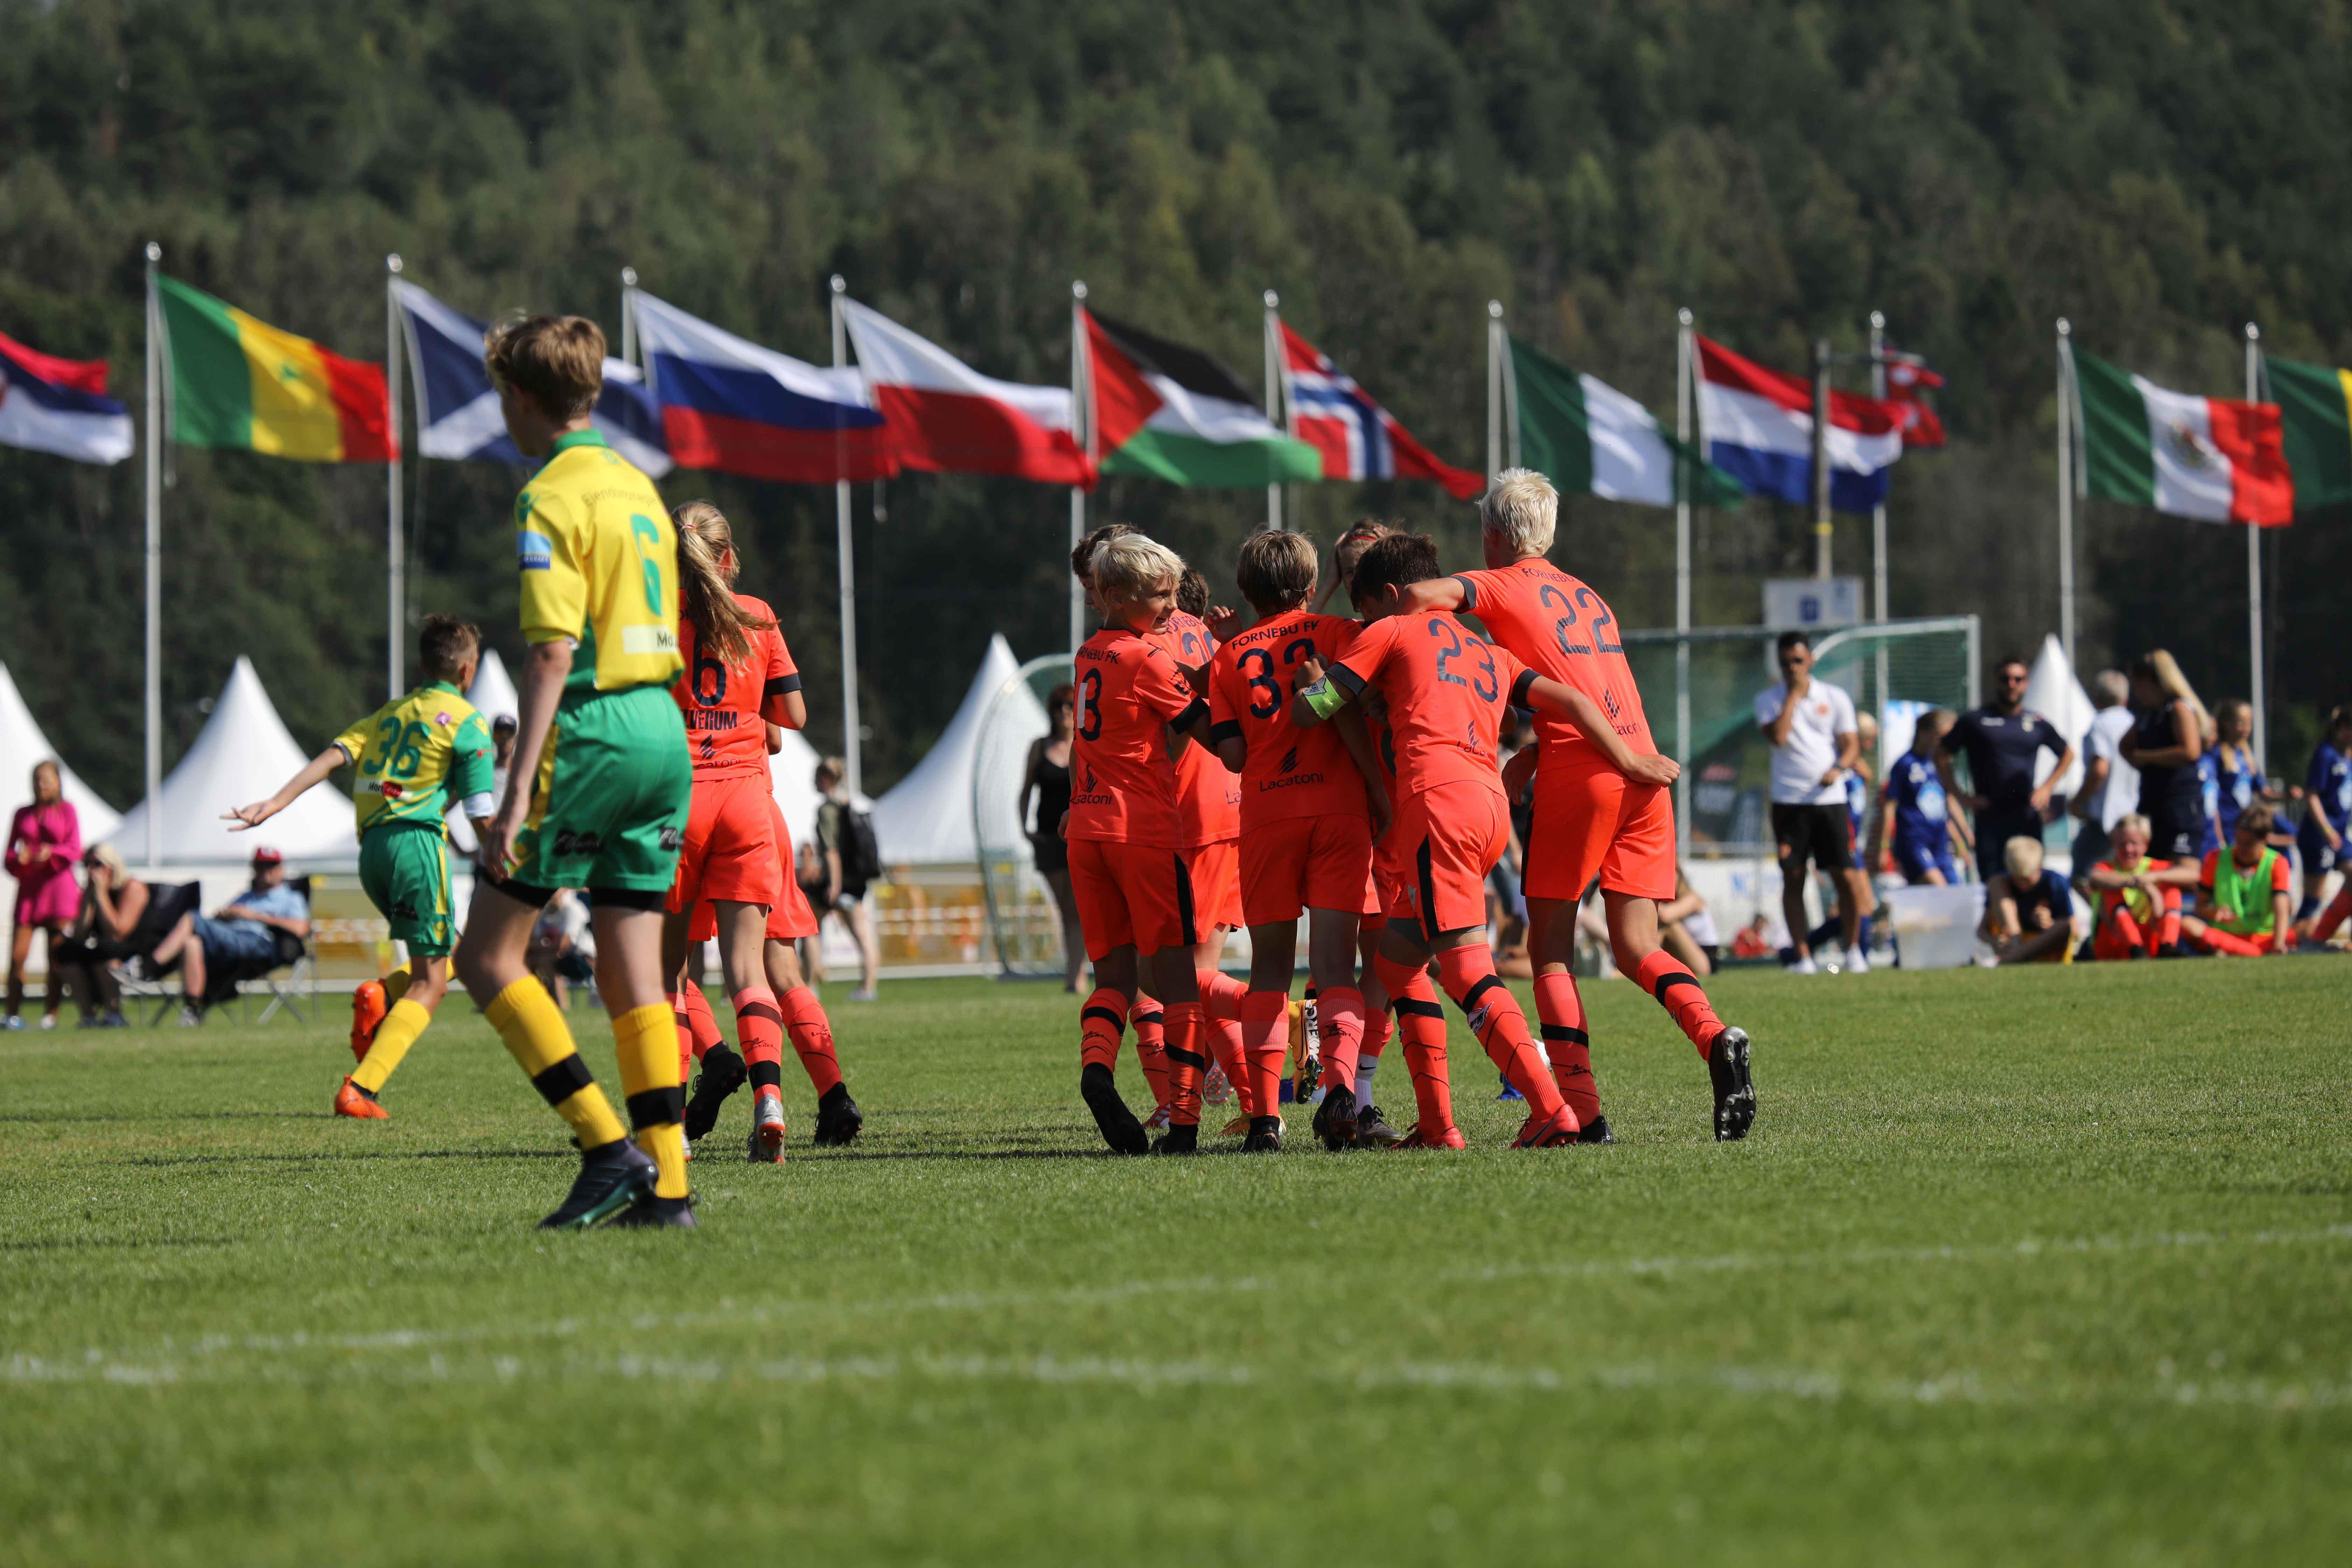 Norway Cup må være Norges – og kanskje et av verdens – største arrangement for inkludering og mangfold. Det heier vi på, sier KIWI-sjefen.